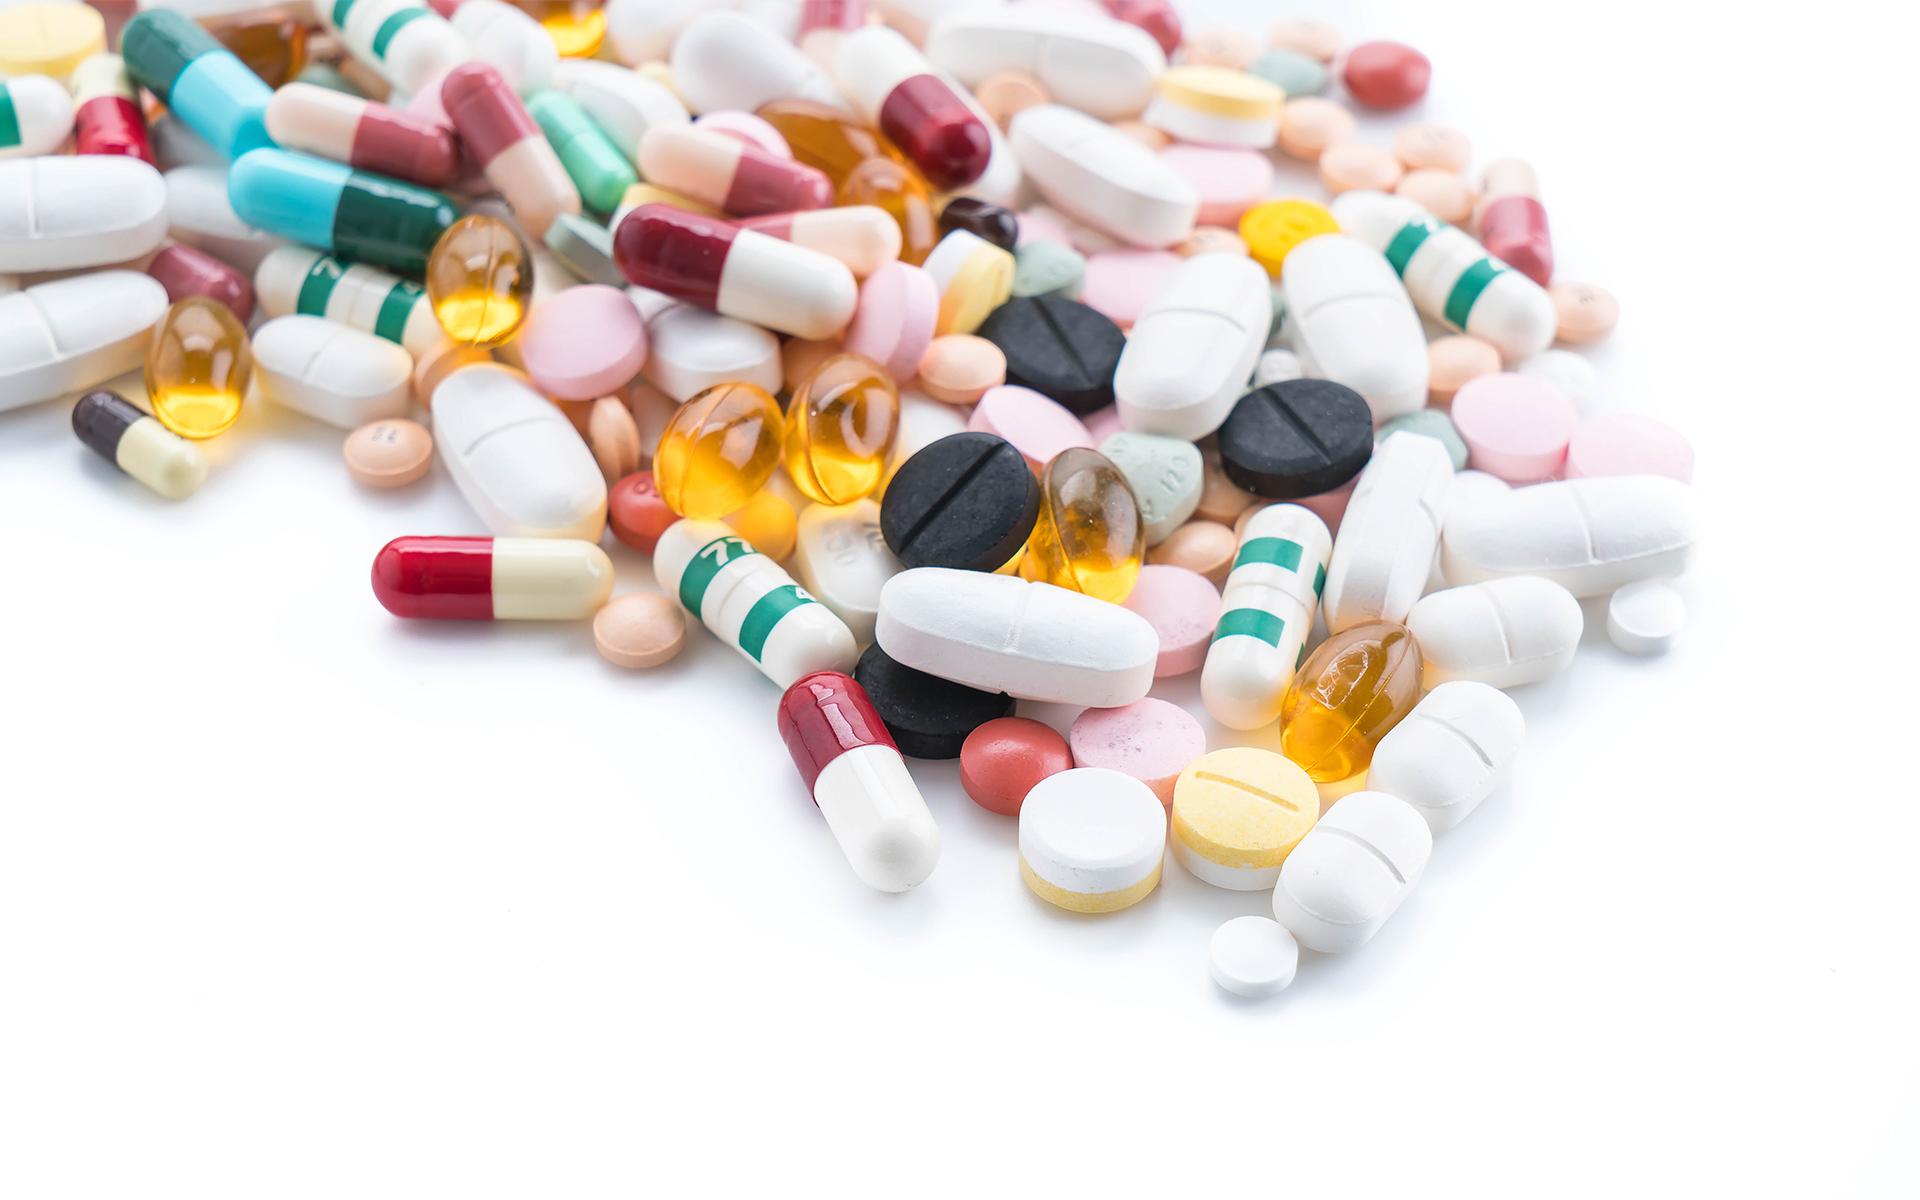 Medicamentos similares vs medicamentos de patente - Quality Assist